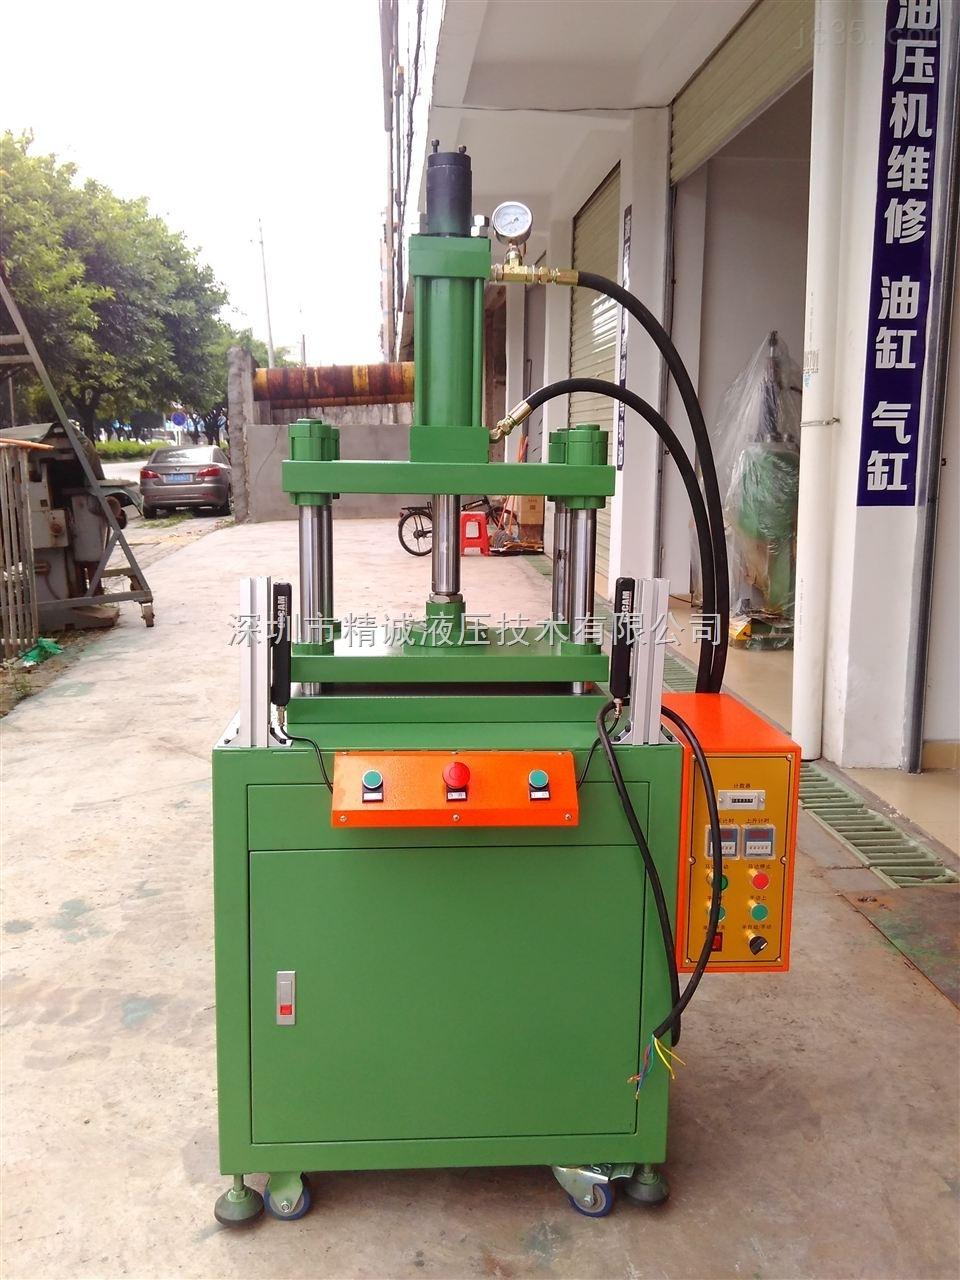 供应金精成系列四柱油压冲床,双缸四柱油压裁断机 数控压装机